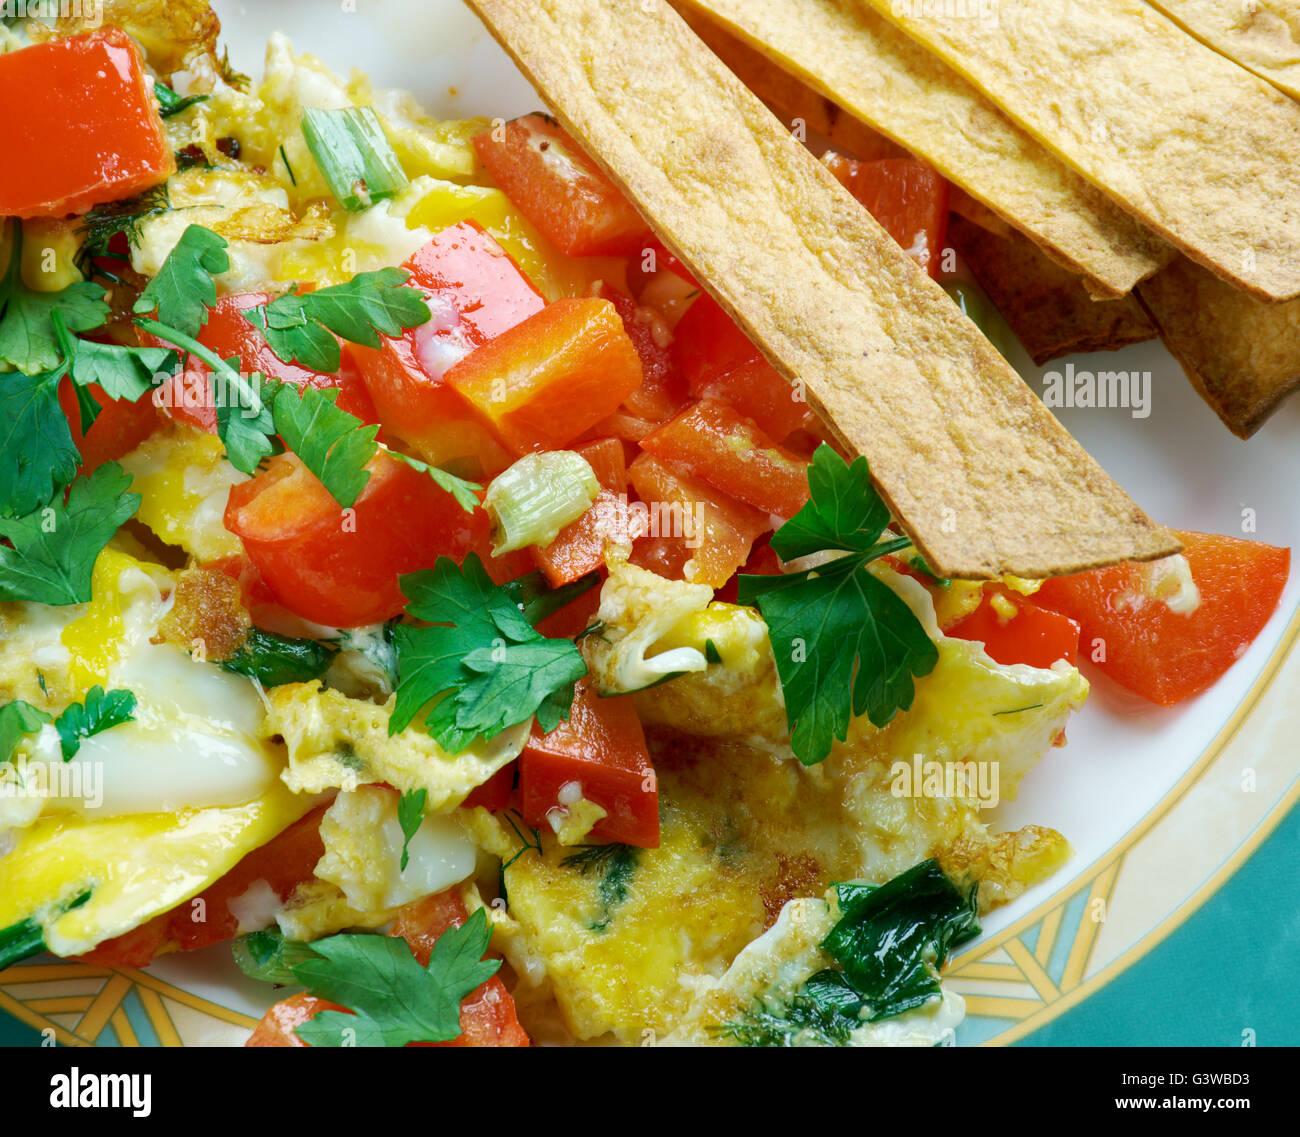 Migas Tex-Mex-Küche - Migas ist ein traditionelles Frühstücksgericht ...